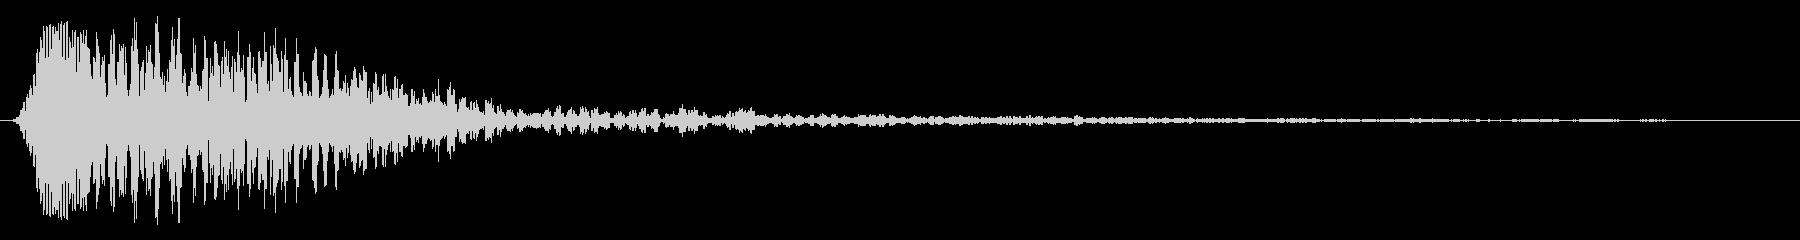 フォゥ(こもった弱い音)の未再生の波形